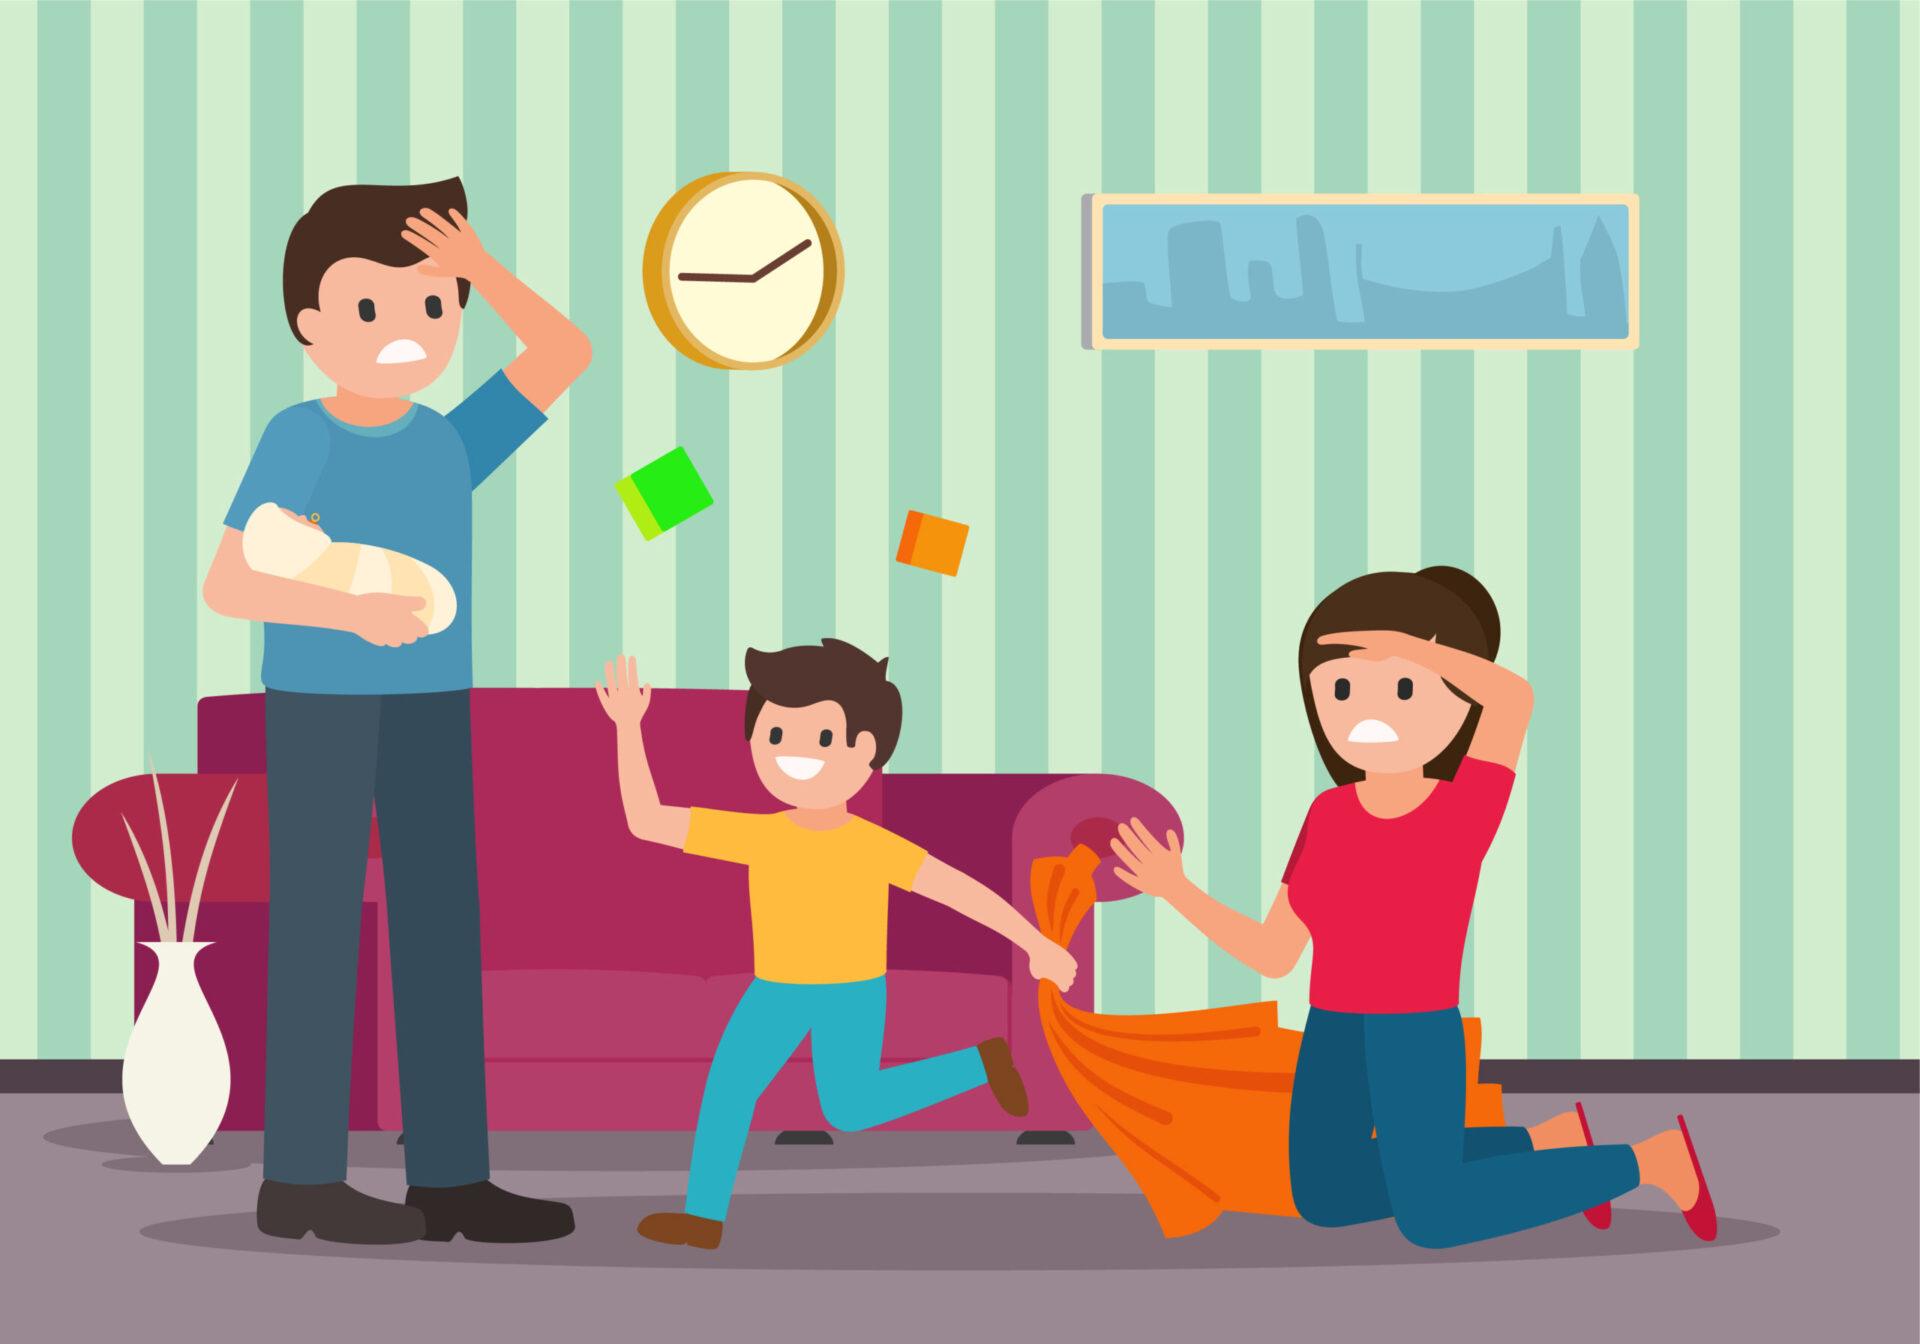 părinți obosiți ocupându-se de copii